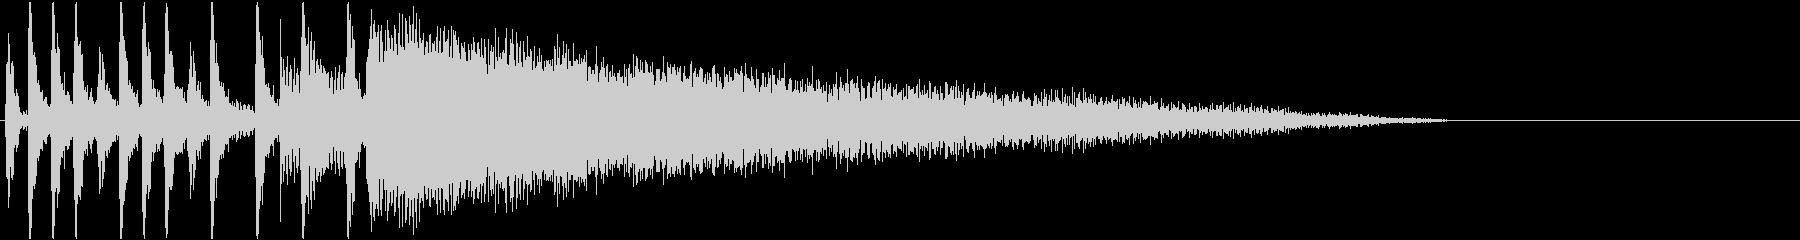 アイキャッチ・結果発表・バンド・ロックの未再生の波形